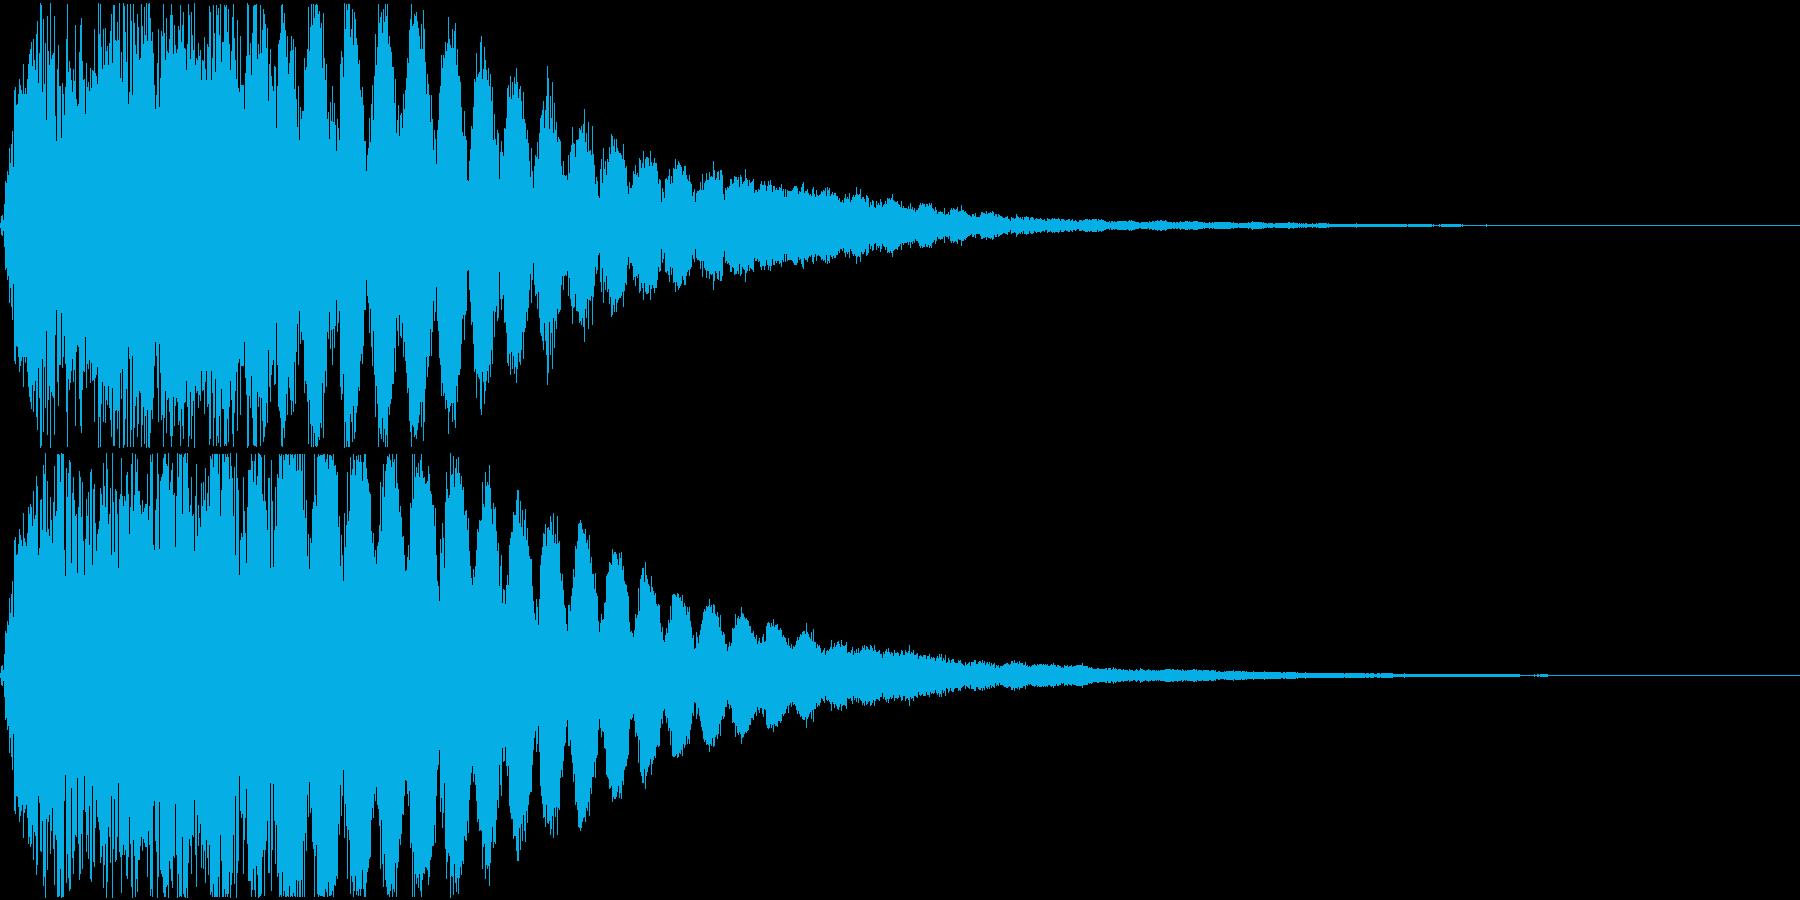 キュイン ギュイーン シャキーン 04の再生済みの波形